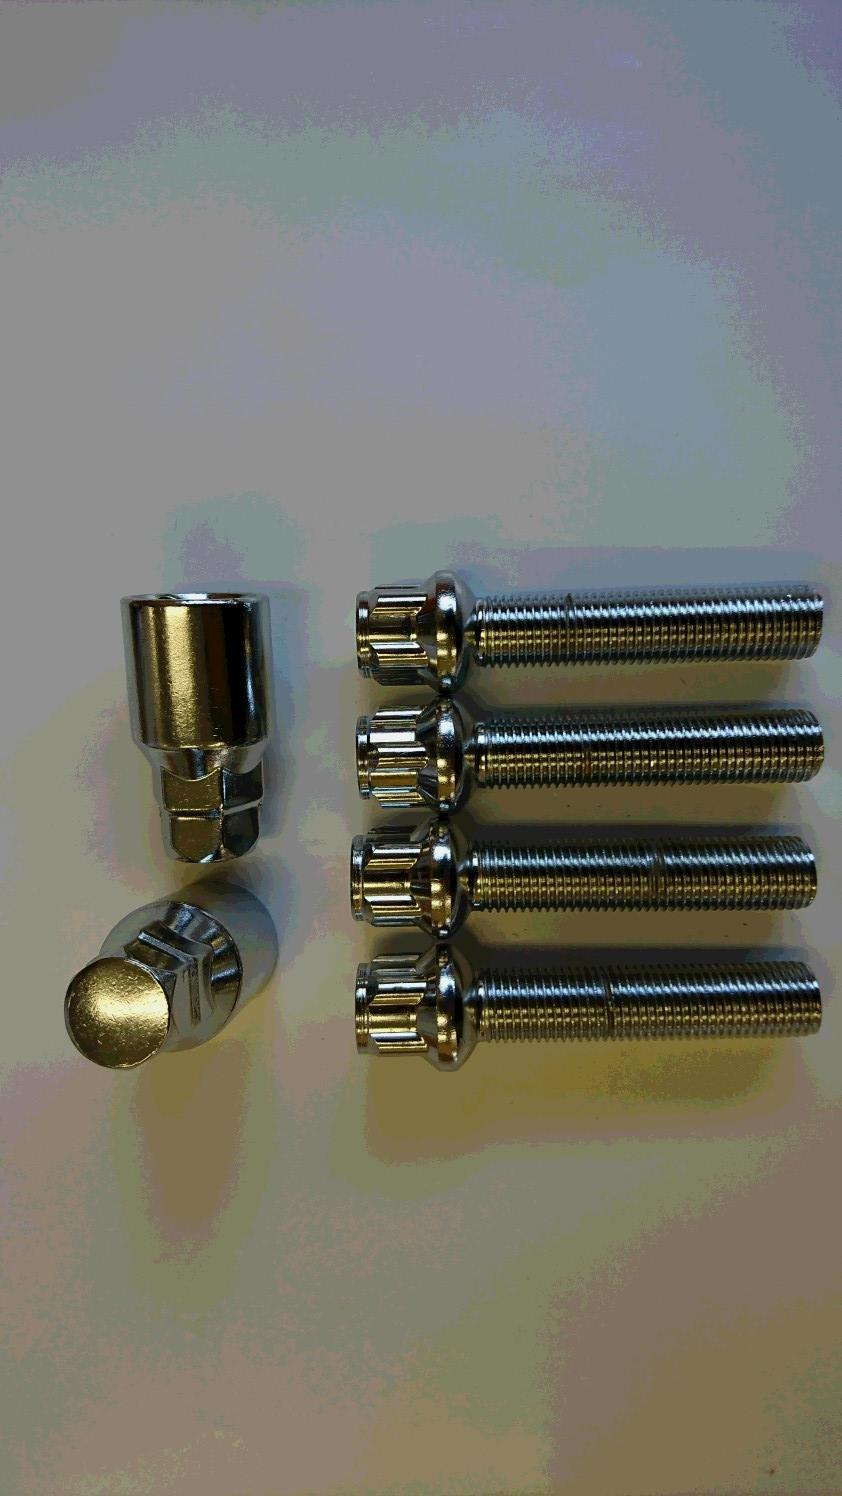 メッキロックボルト R14 14x1.5 首下25mm~60mm 1mm単位で選択可能 B076WQZZCL